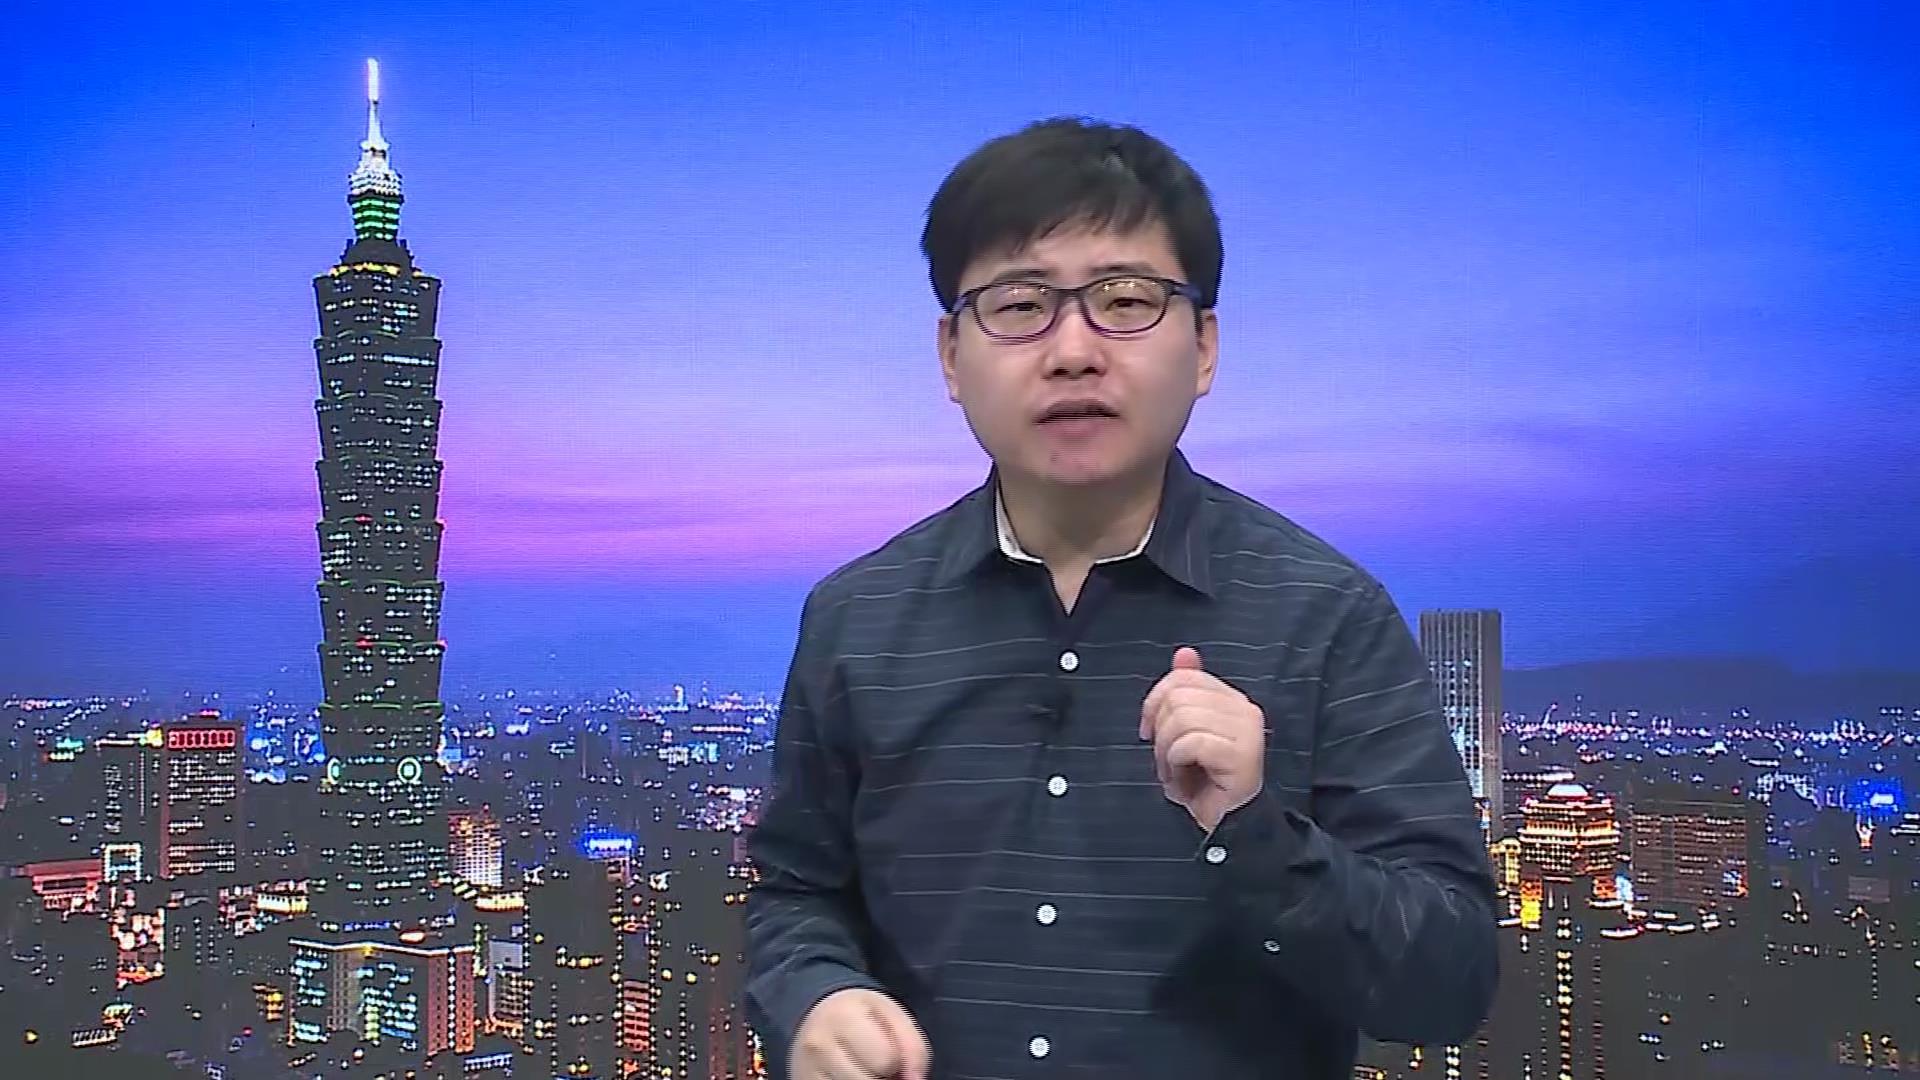 民调狠甩蔡英文32%,越被抹黑声望越高,韩国瑜为何这么大魅力?图片